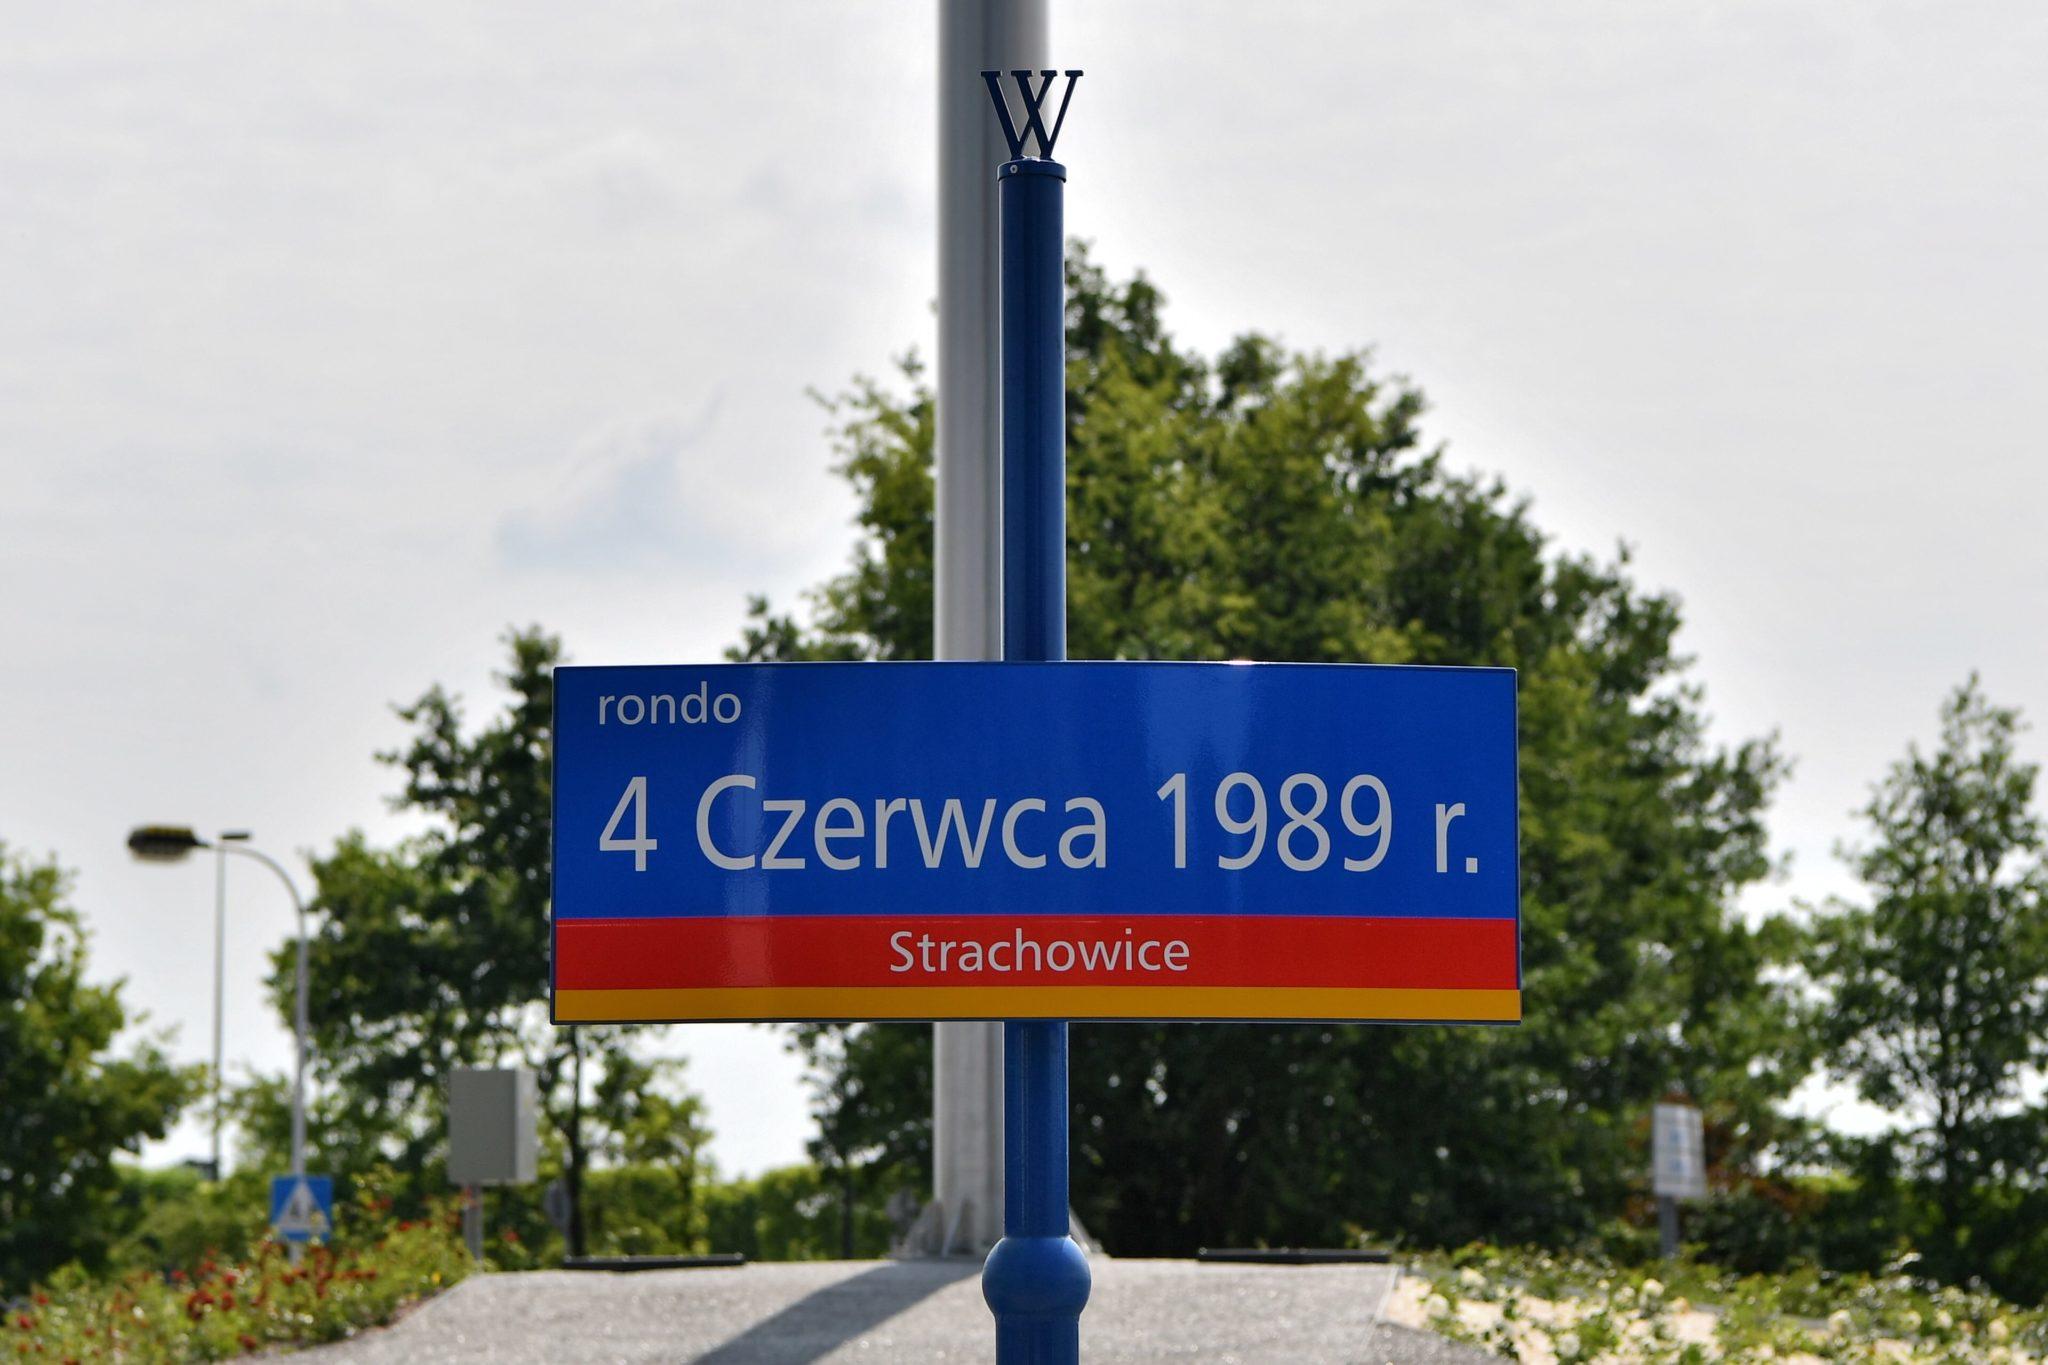 Wrocław: uroczystość nadania nazwy Rondo 4 Czerwca 1989 r., 29. roczniay pierwszej tury wyborów do Sejmu i Senatu, na zasadach ustalonych podczas obrad Okrągłego Stołu; zakończyła się ona zwycięstwem